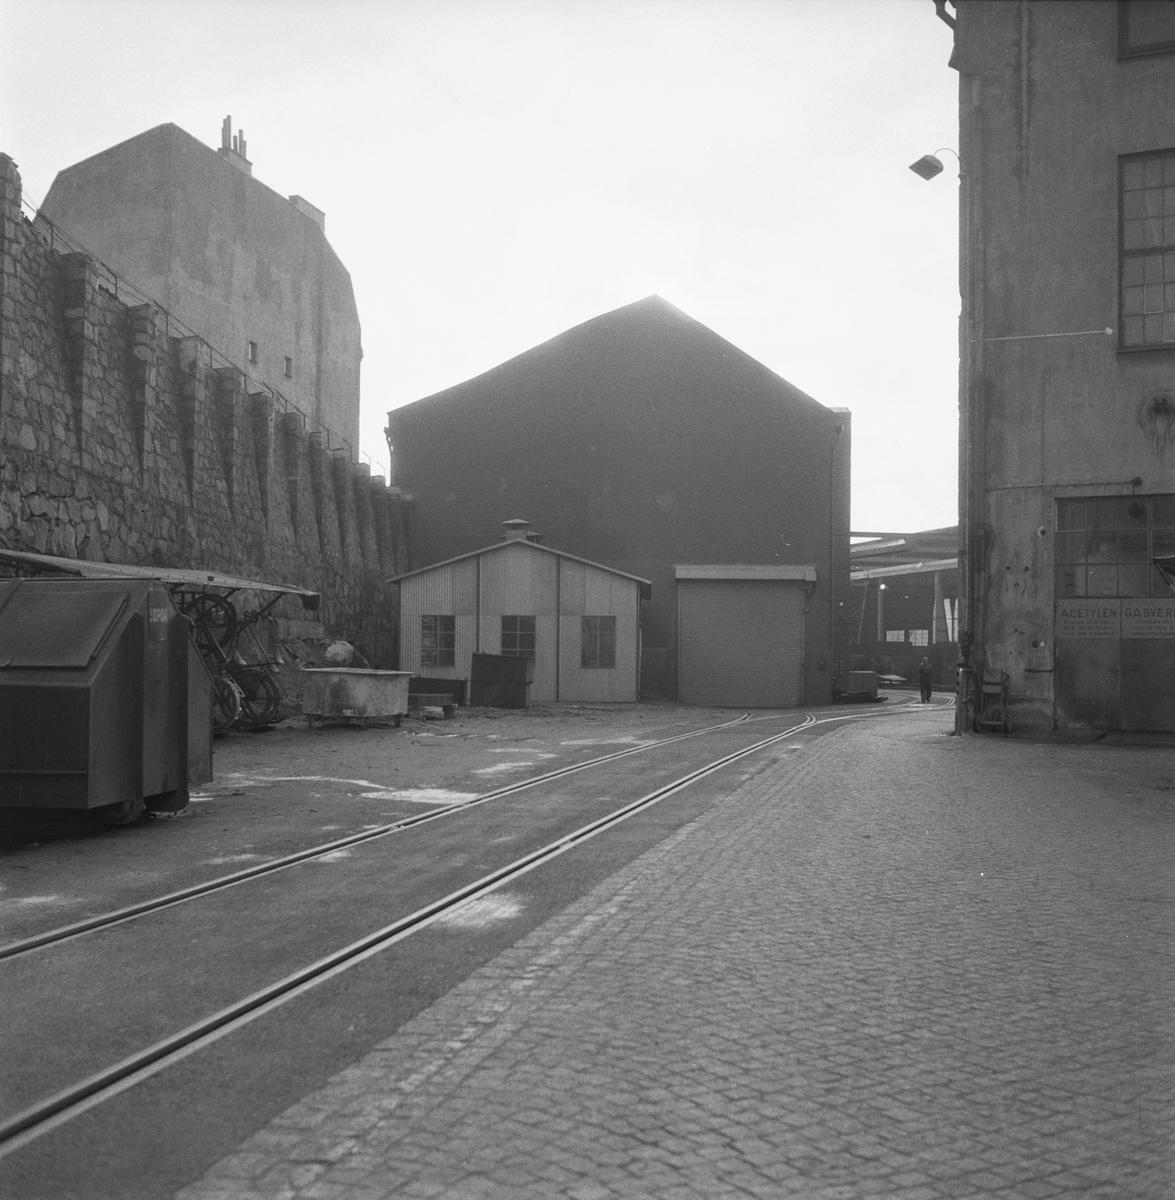 Övrigt: Fotodatum:5/1 1959 Byggnader och Kranar. Järnförrådet exteriör. Närmast identisk bild: V16312, ej skannad